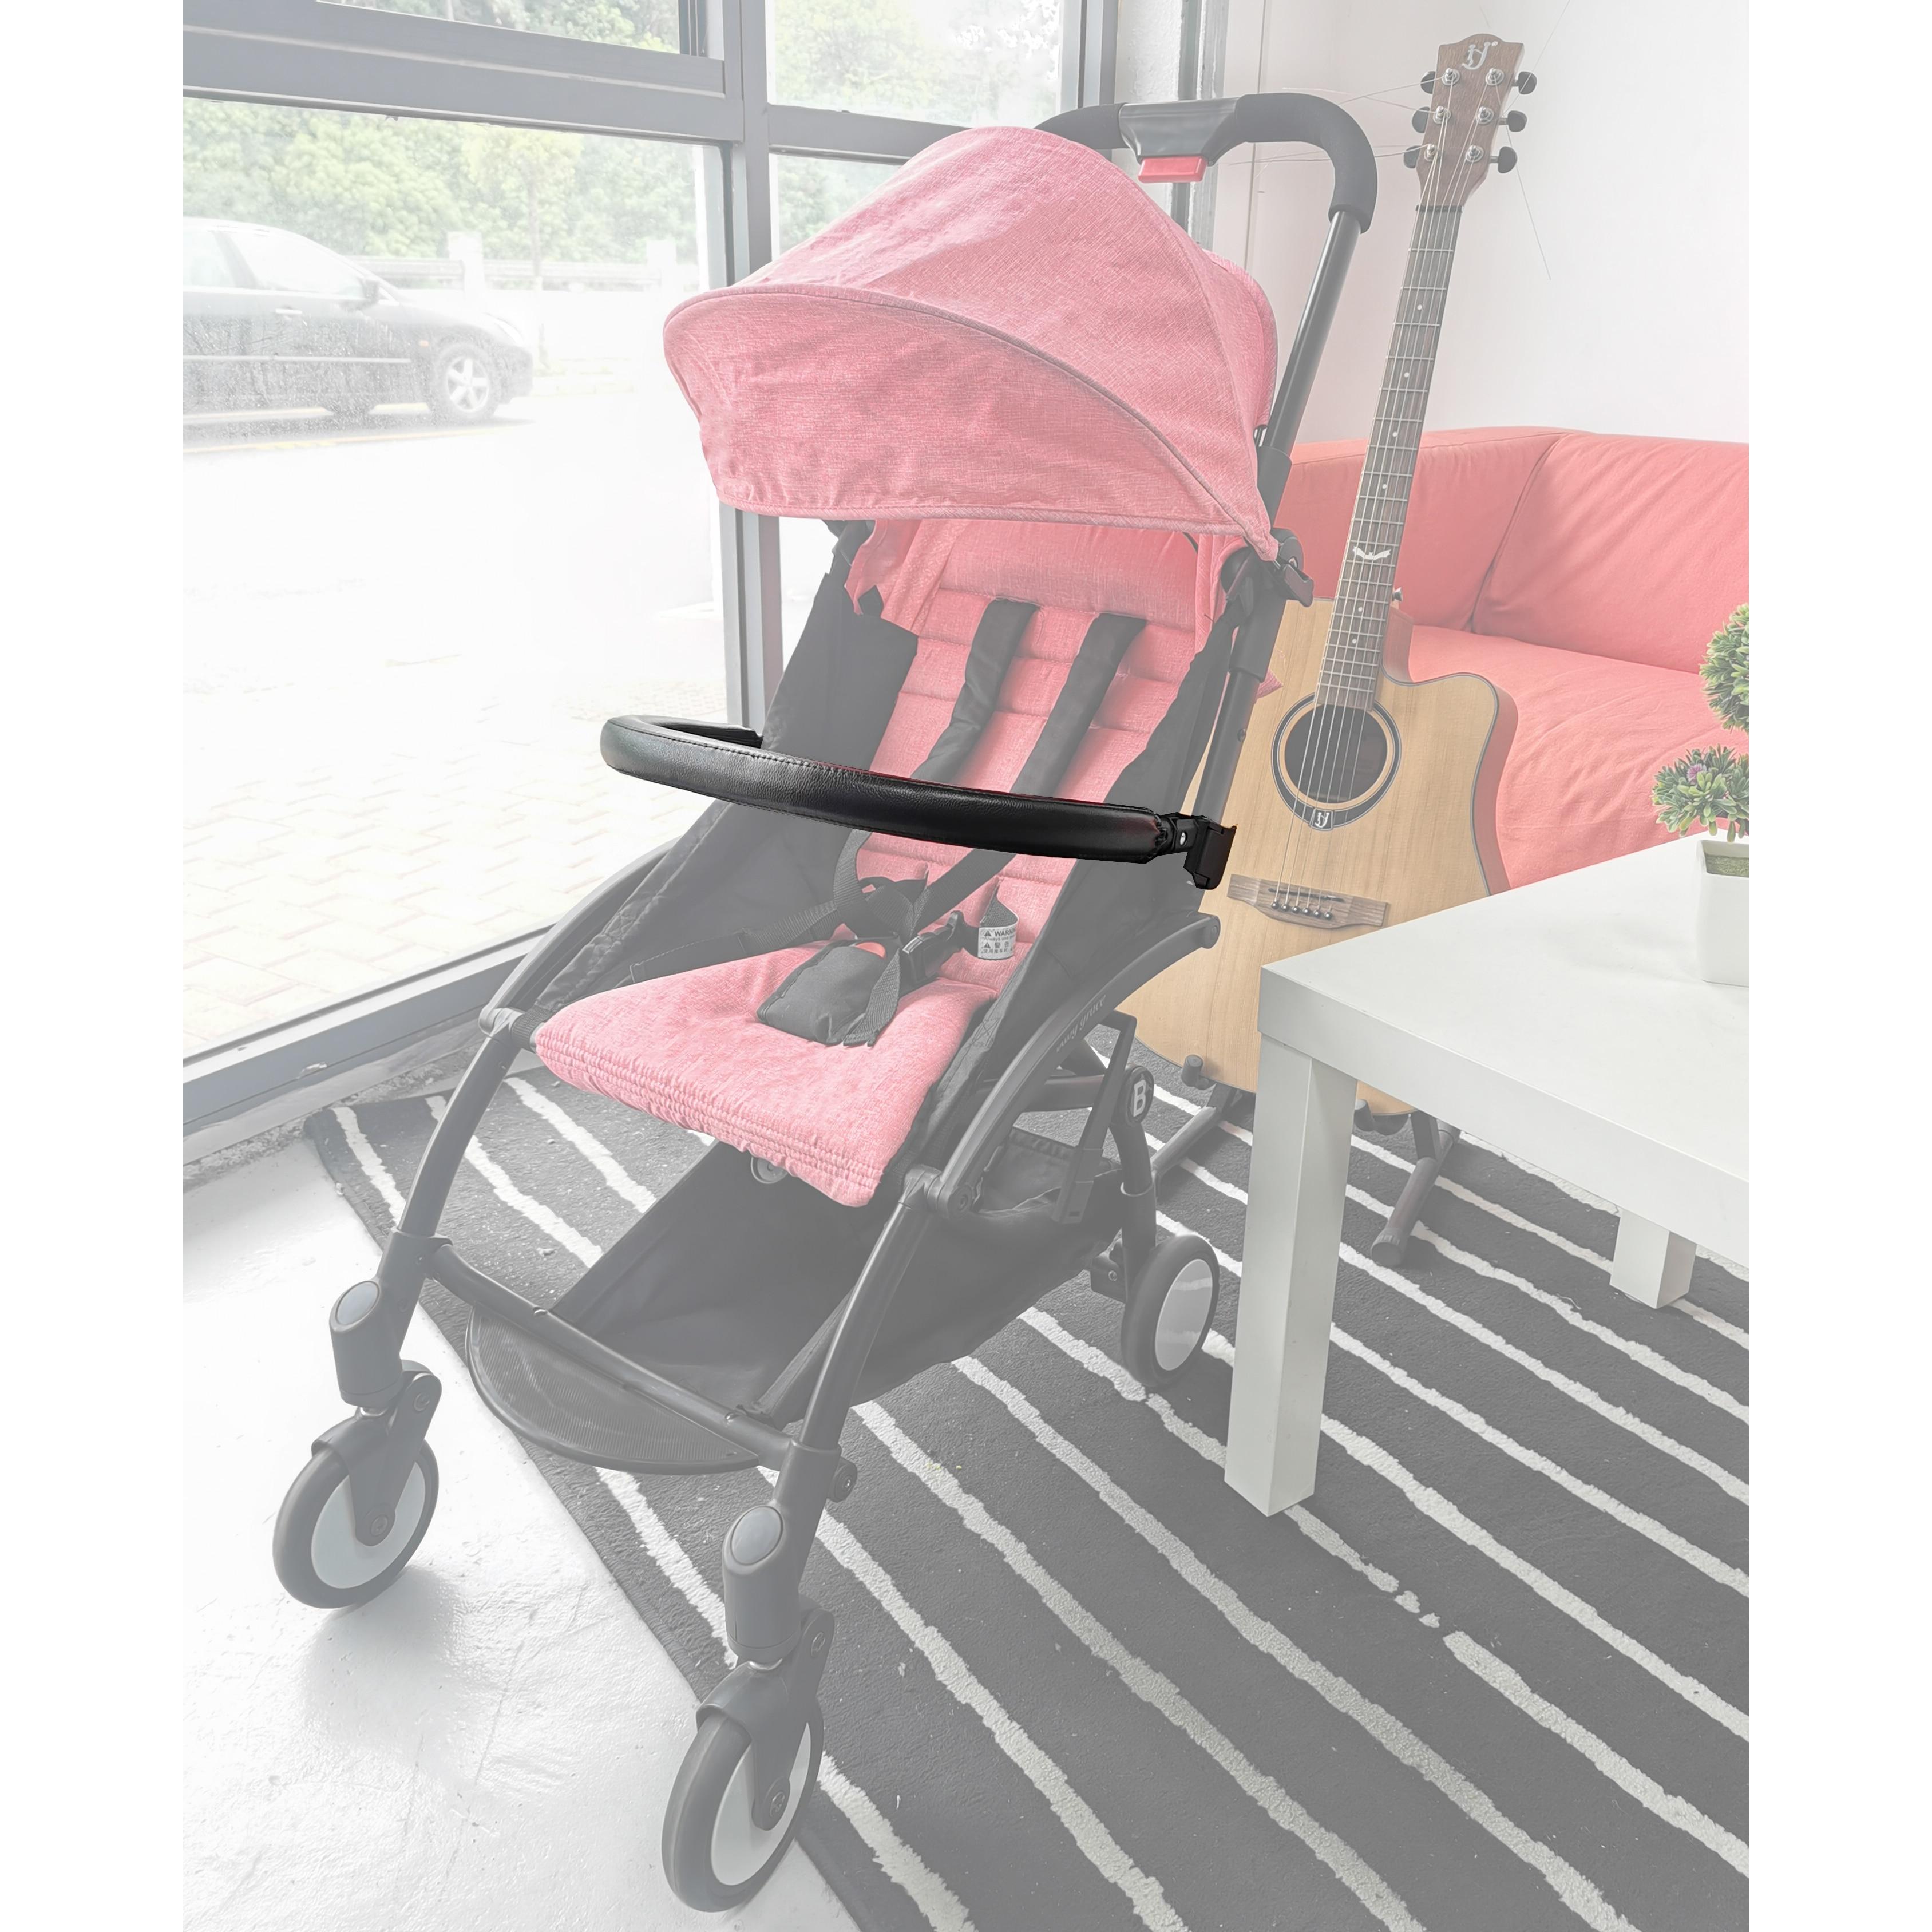 Новая коляска подлокотник бампер Руль Ручка съемный кожаный чехол общие аксессуары для коляски для BBZ YOYO Babytime YUYU